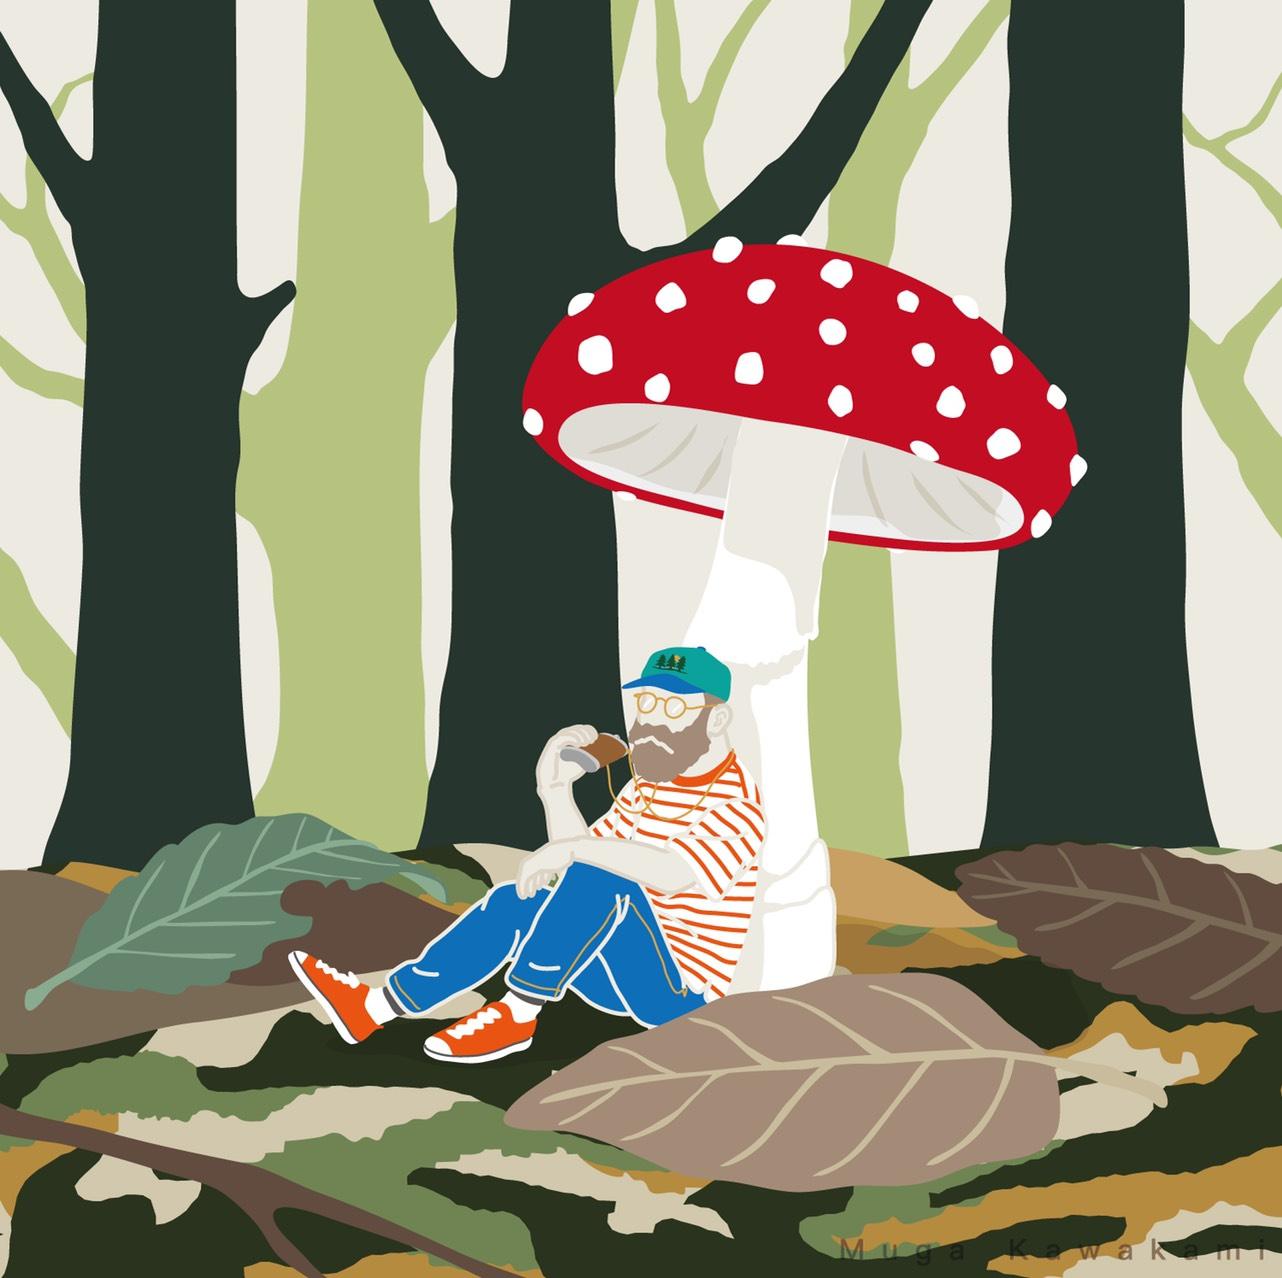 ーMuga Kawakami 個展ー 『森の中の小さなおじさん展』